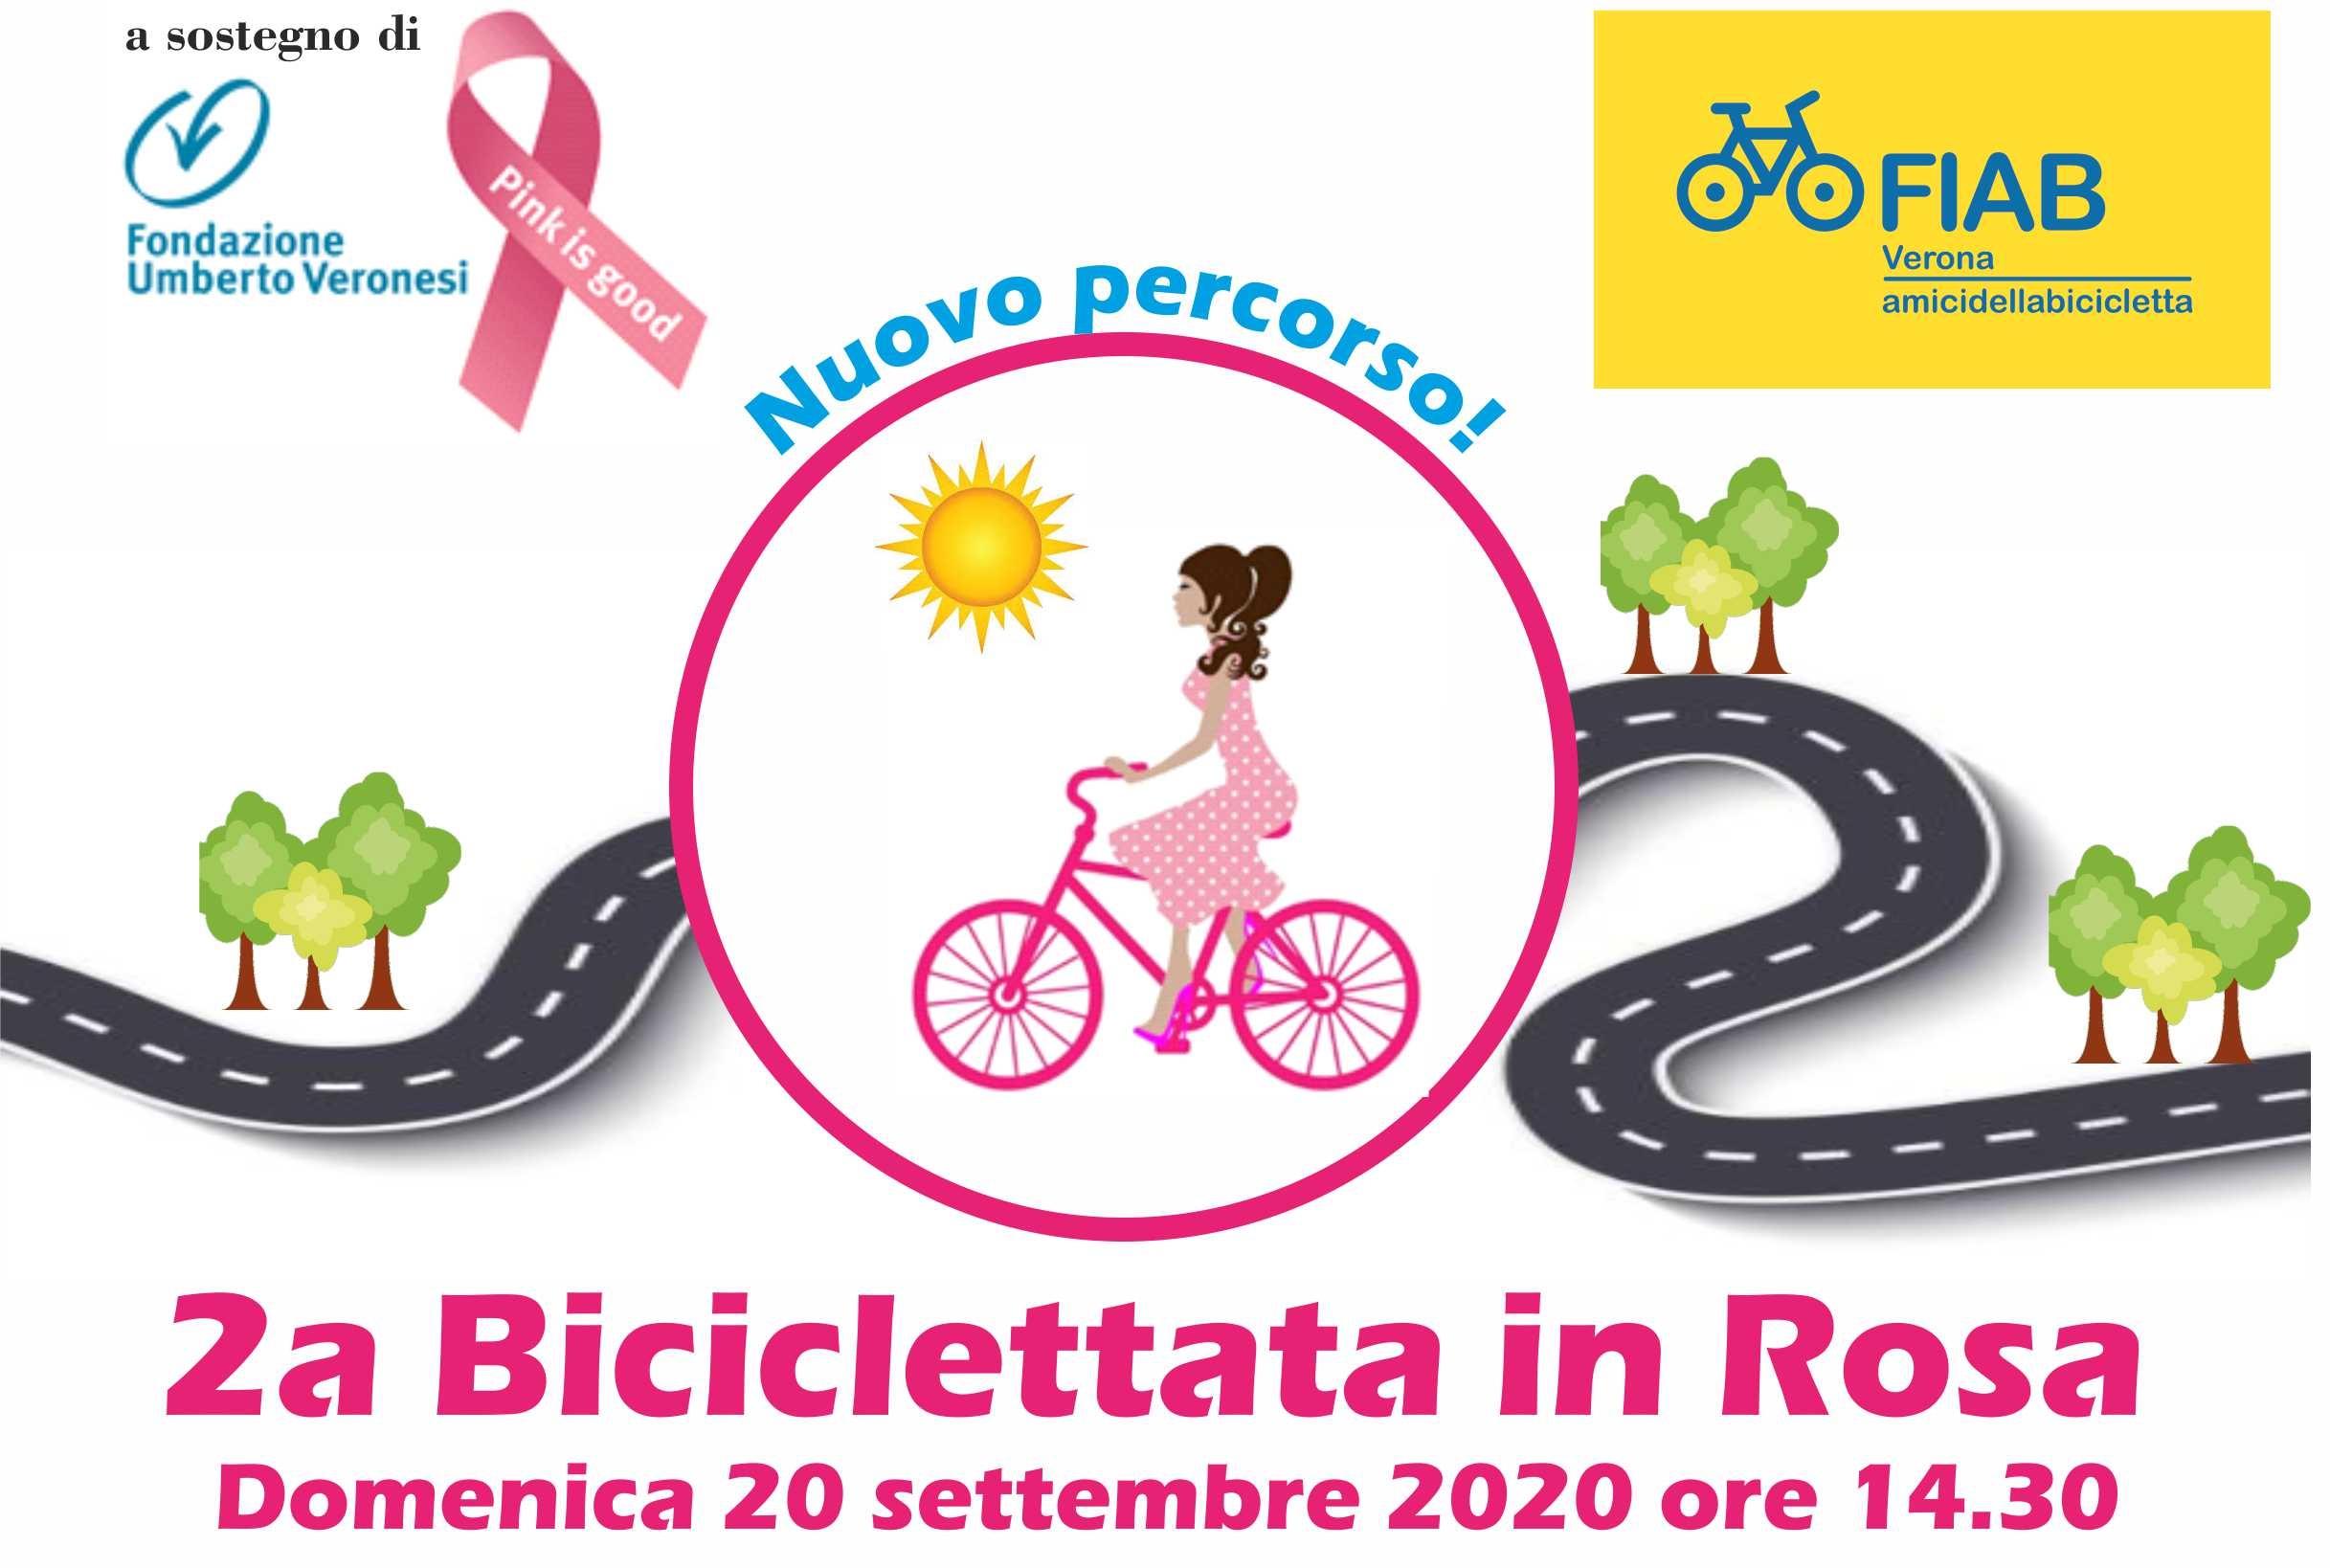 Seconda Biciclettata in Rosa con FIAB Verona